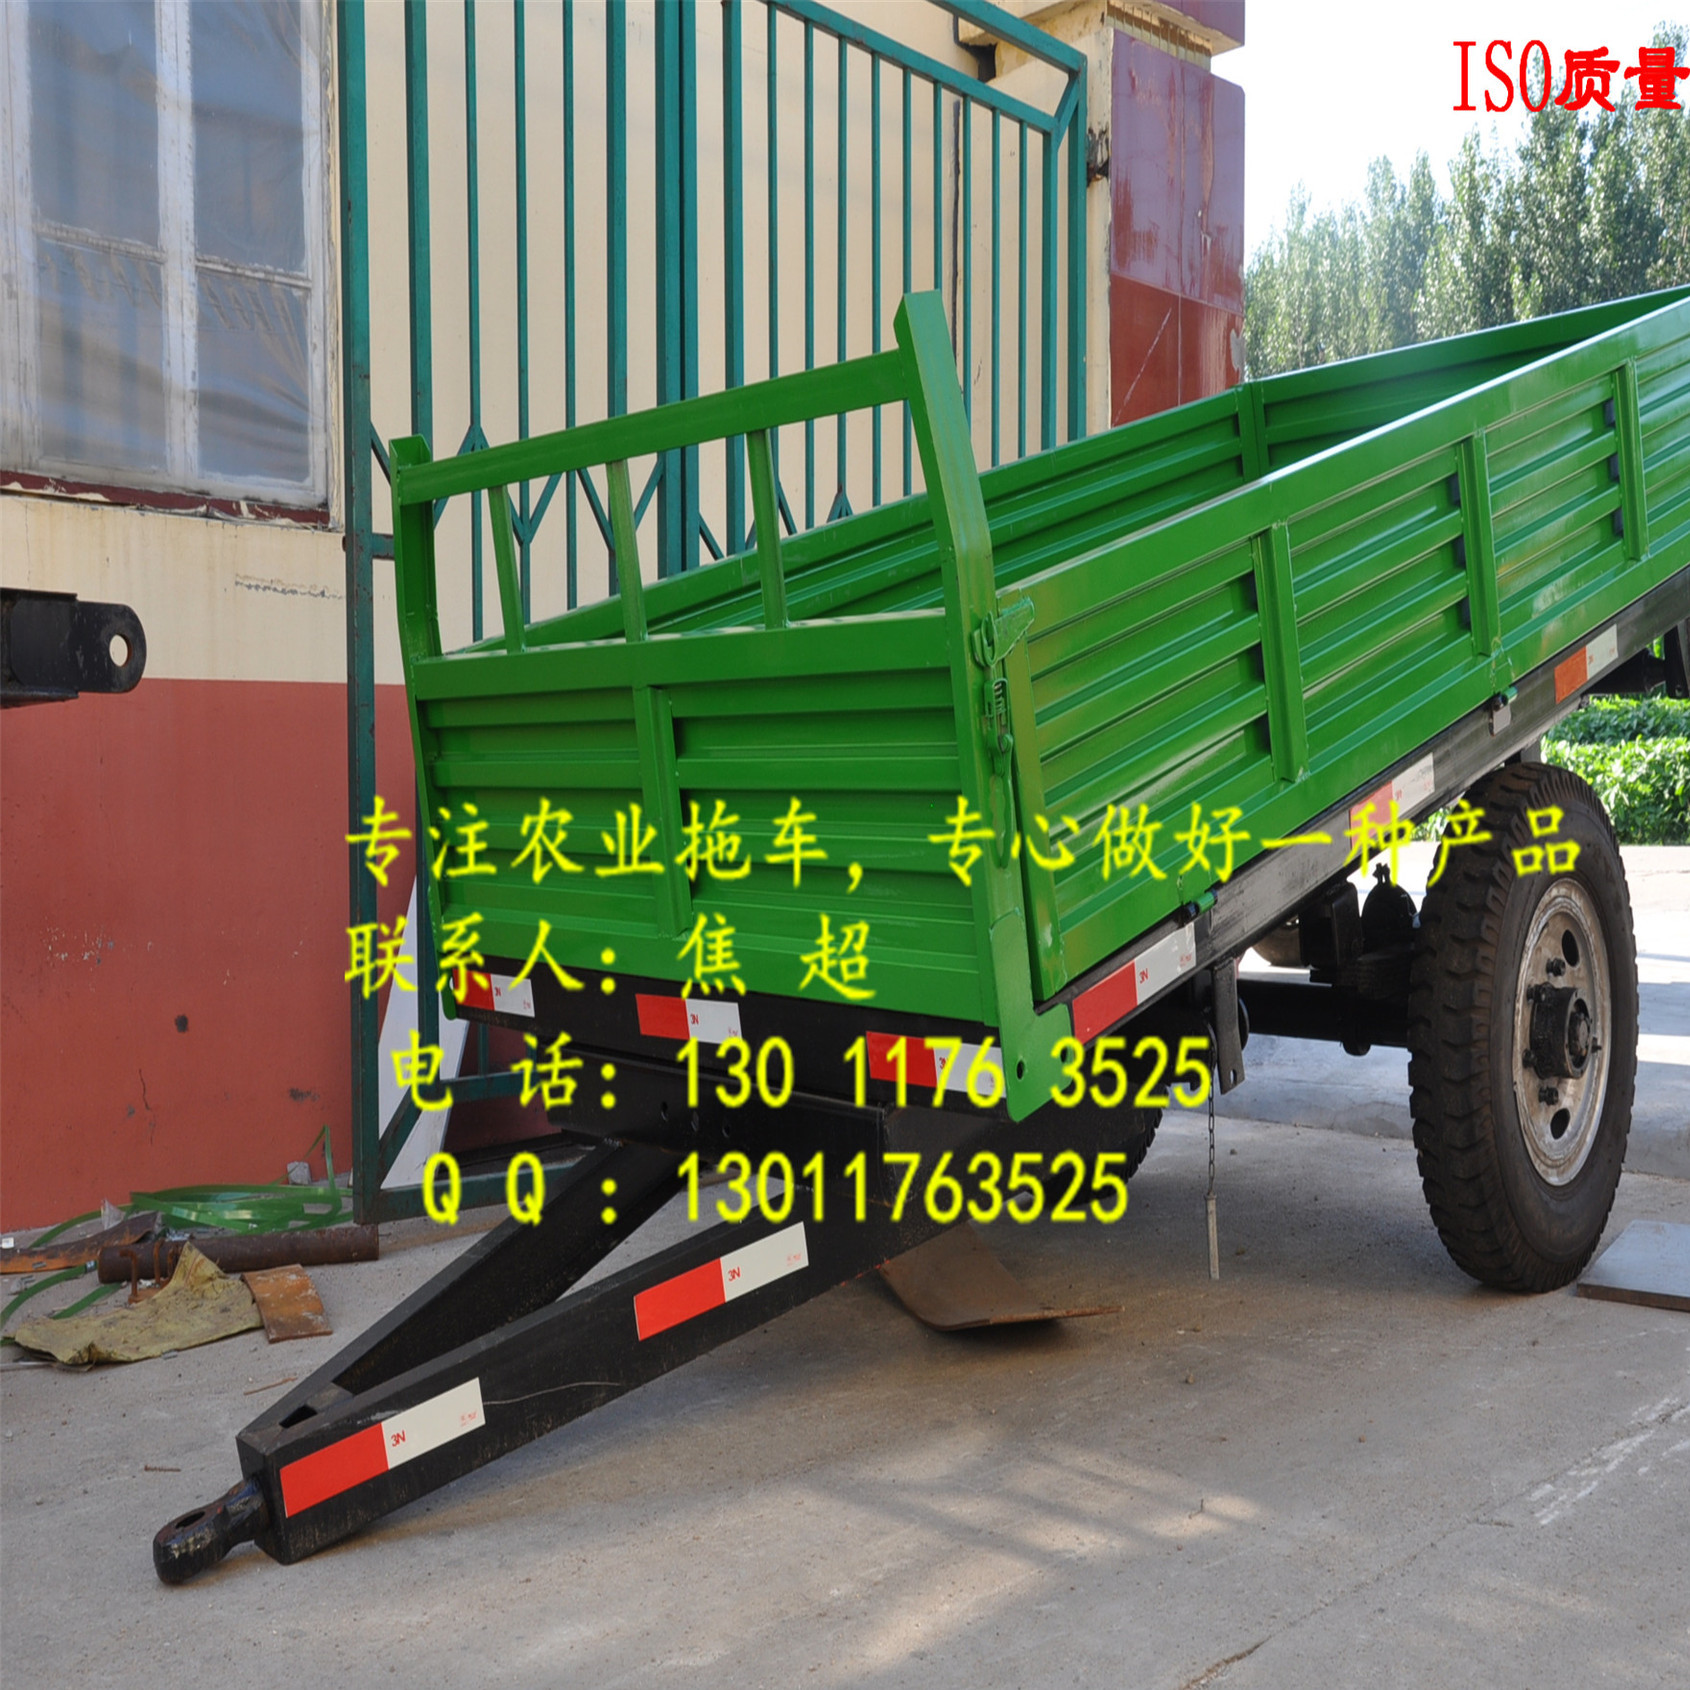 申总3吨农用拖车斗 尺寸容积粮食省事